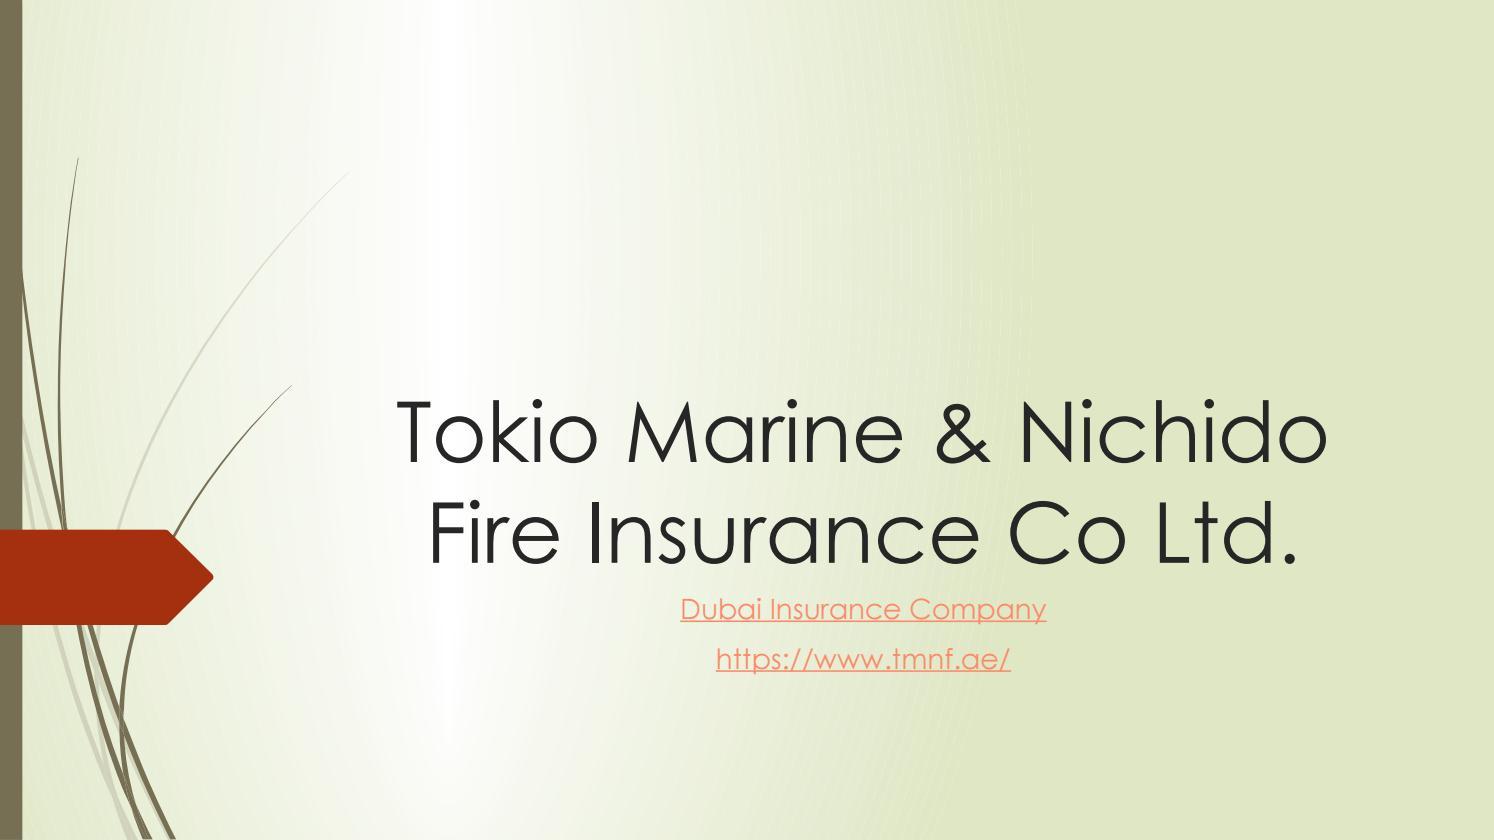 Dubai Insurance Company | Insurance Companies in Dubai, UAE